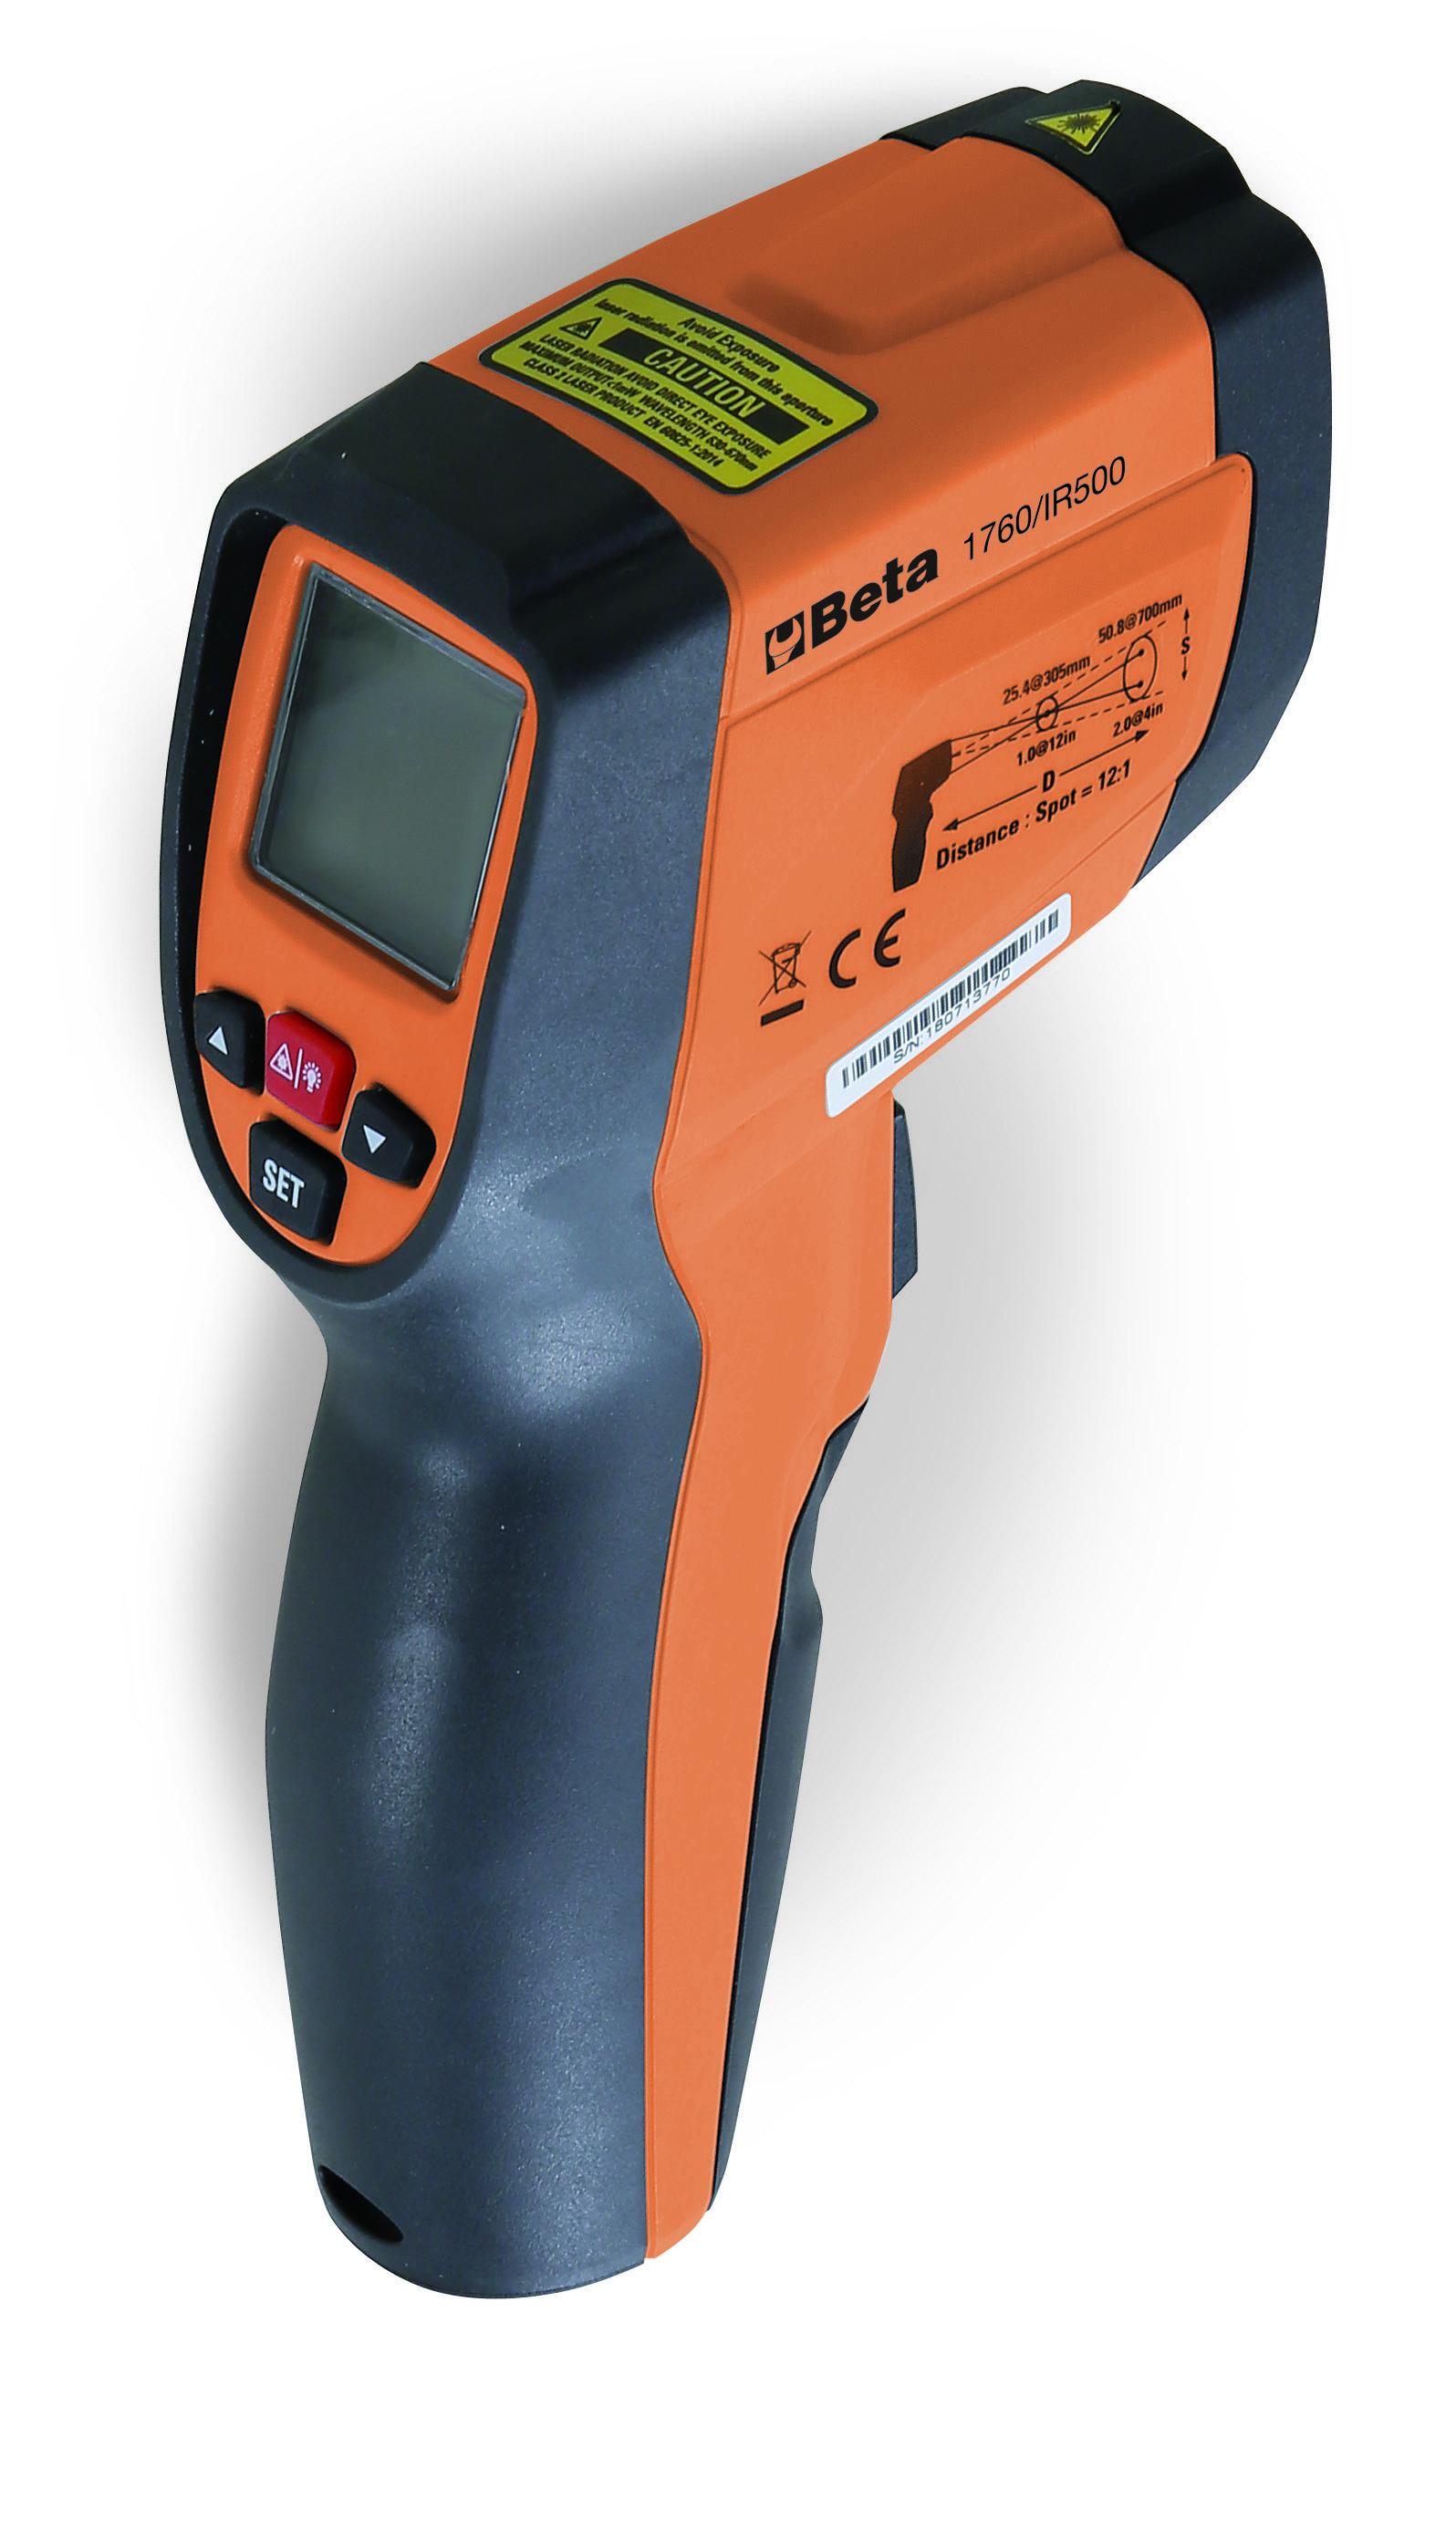 Digitaalne infrapuna termomeeter, kahe laserkiirega 1760/IR500